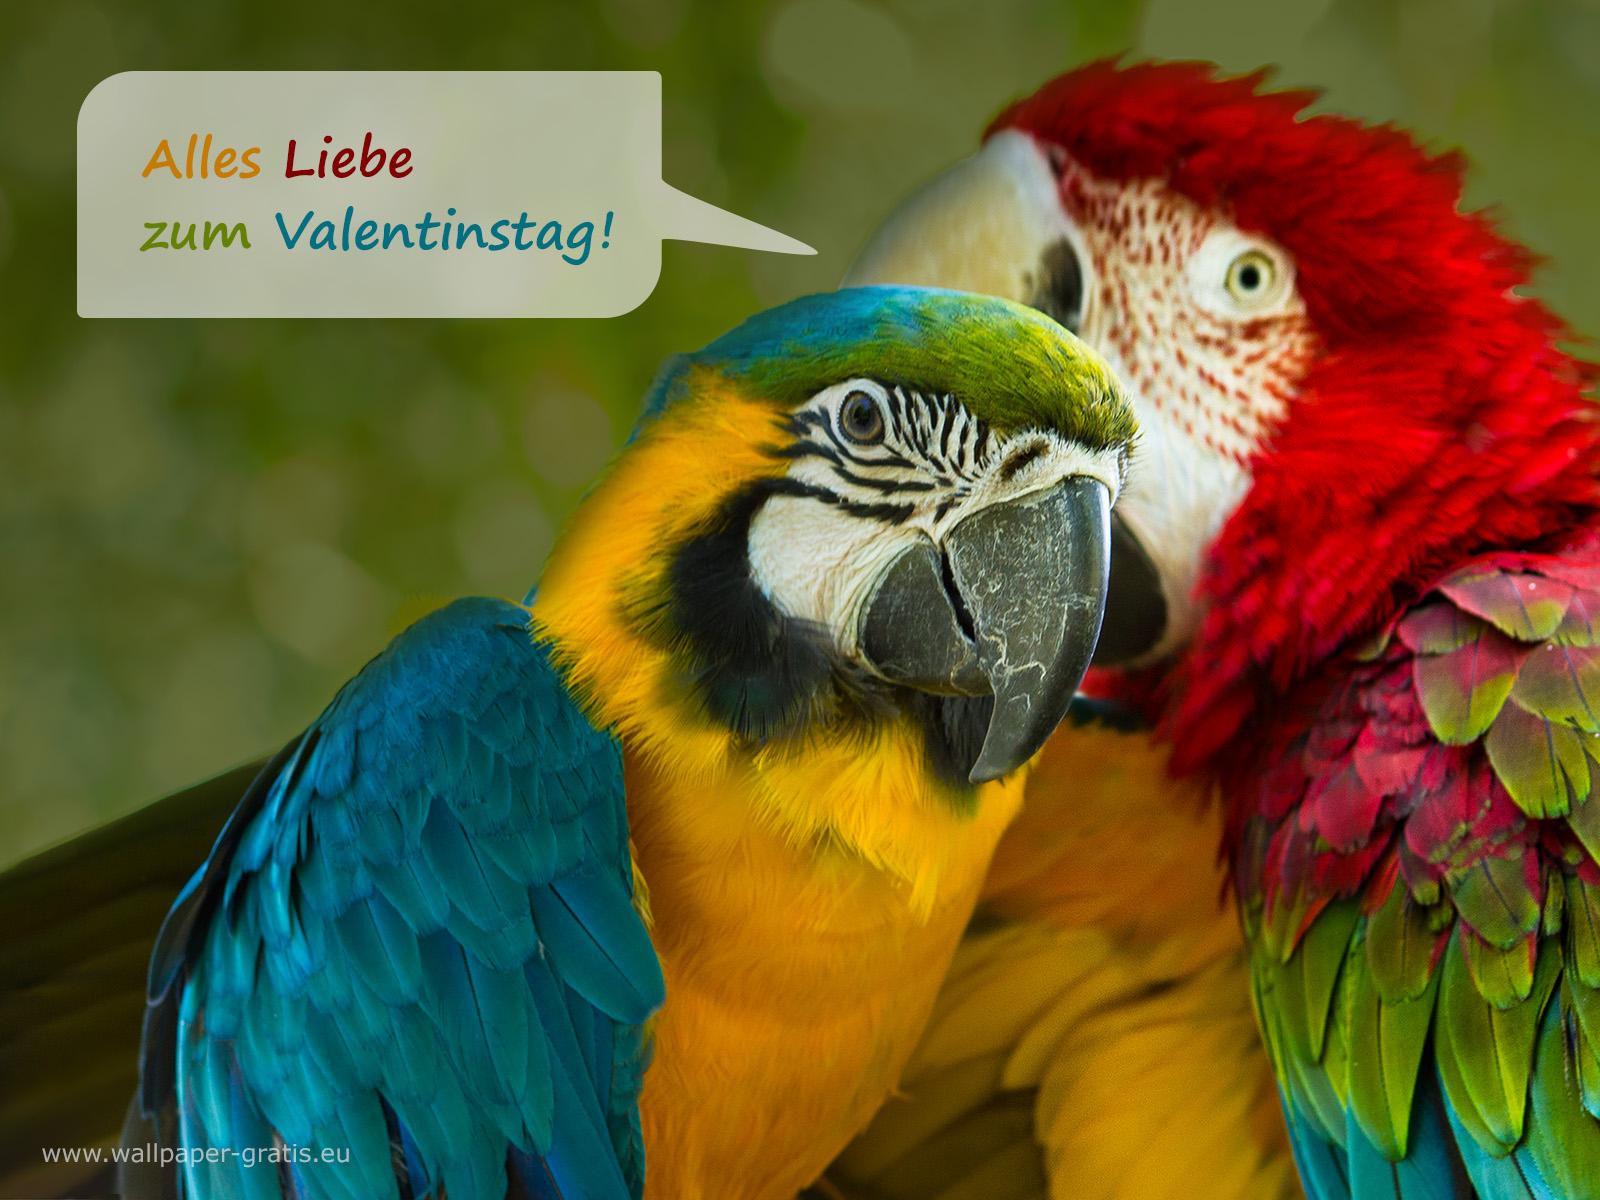 Tier w nscht alles liebe zum valentinstag 001 for Valentinstag bilder kostenlos